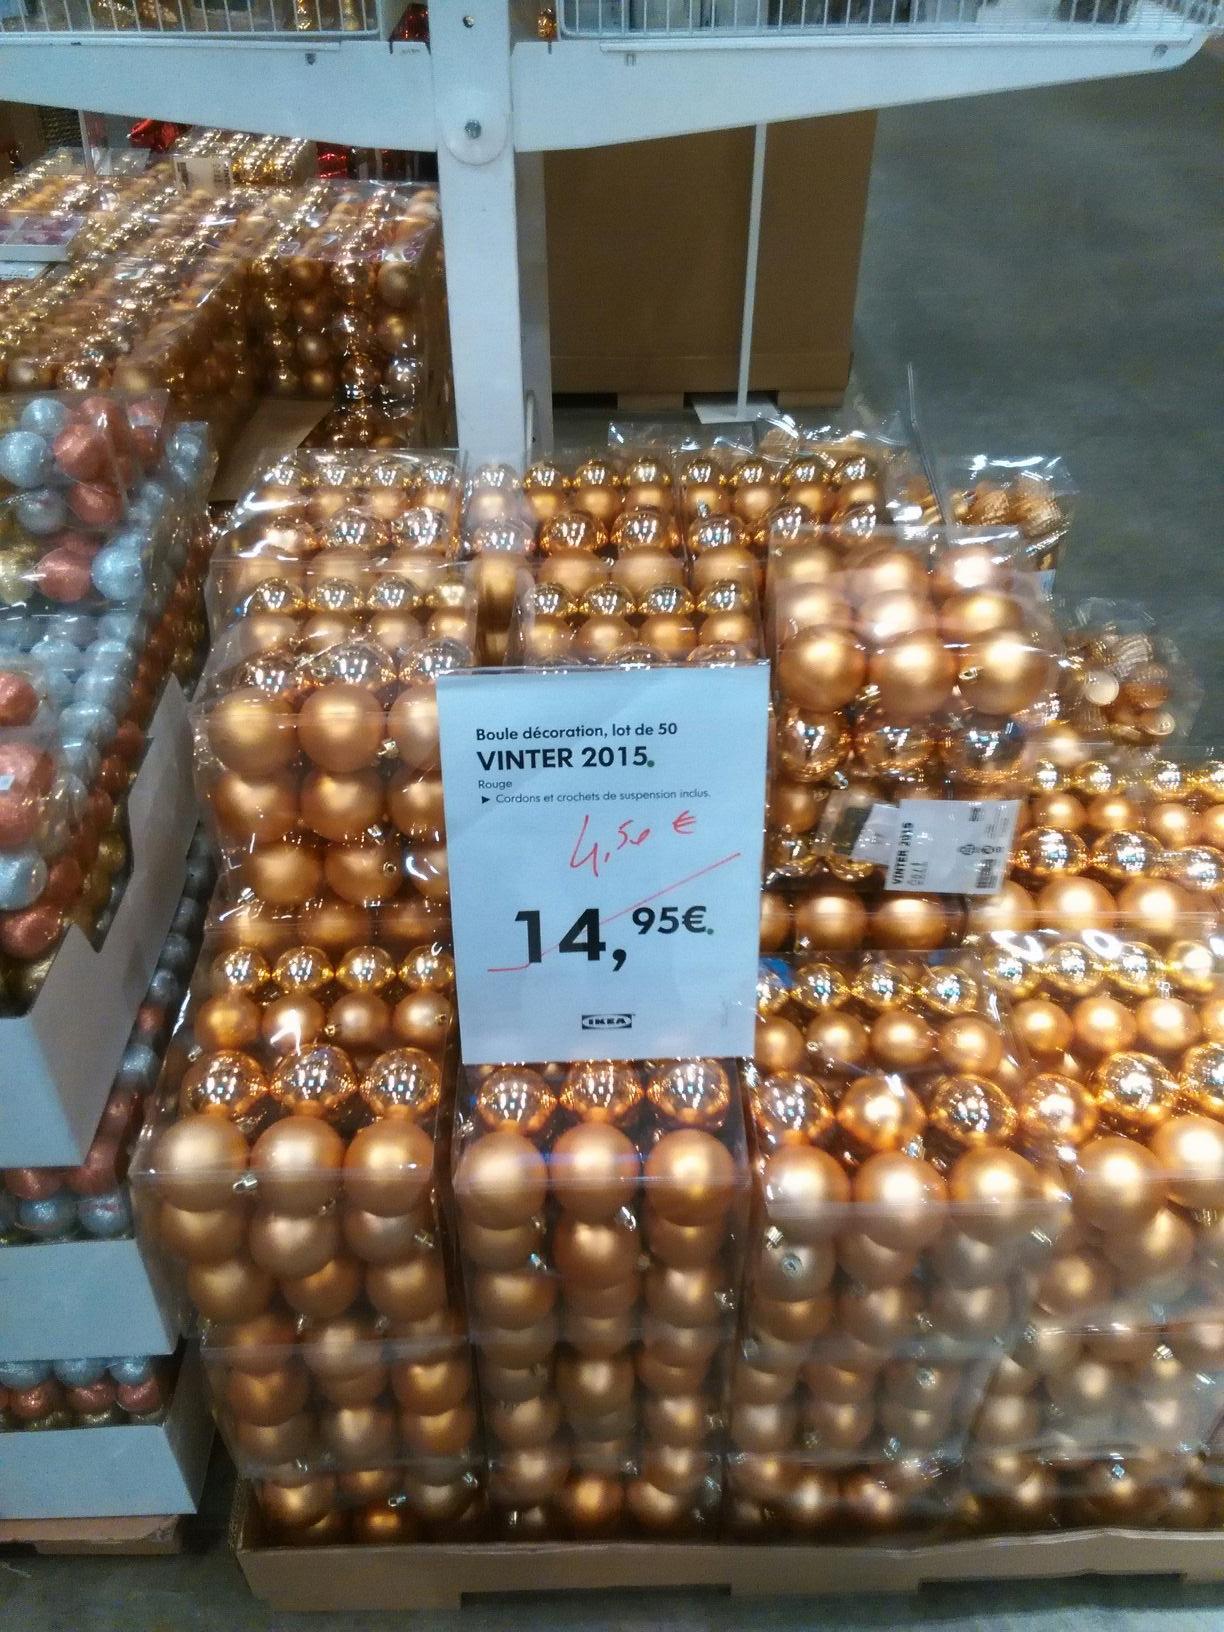 Jusqu'à -70% de réduction sur les décorations et luminaires de Noël - Ex: Lot de 50 boules Vinter 2015